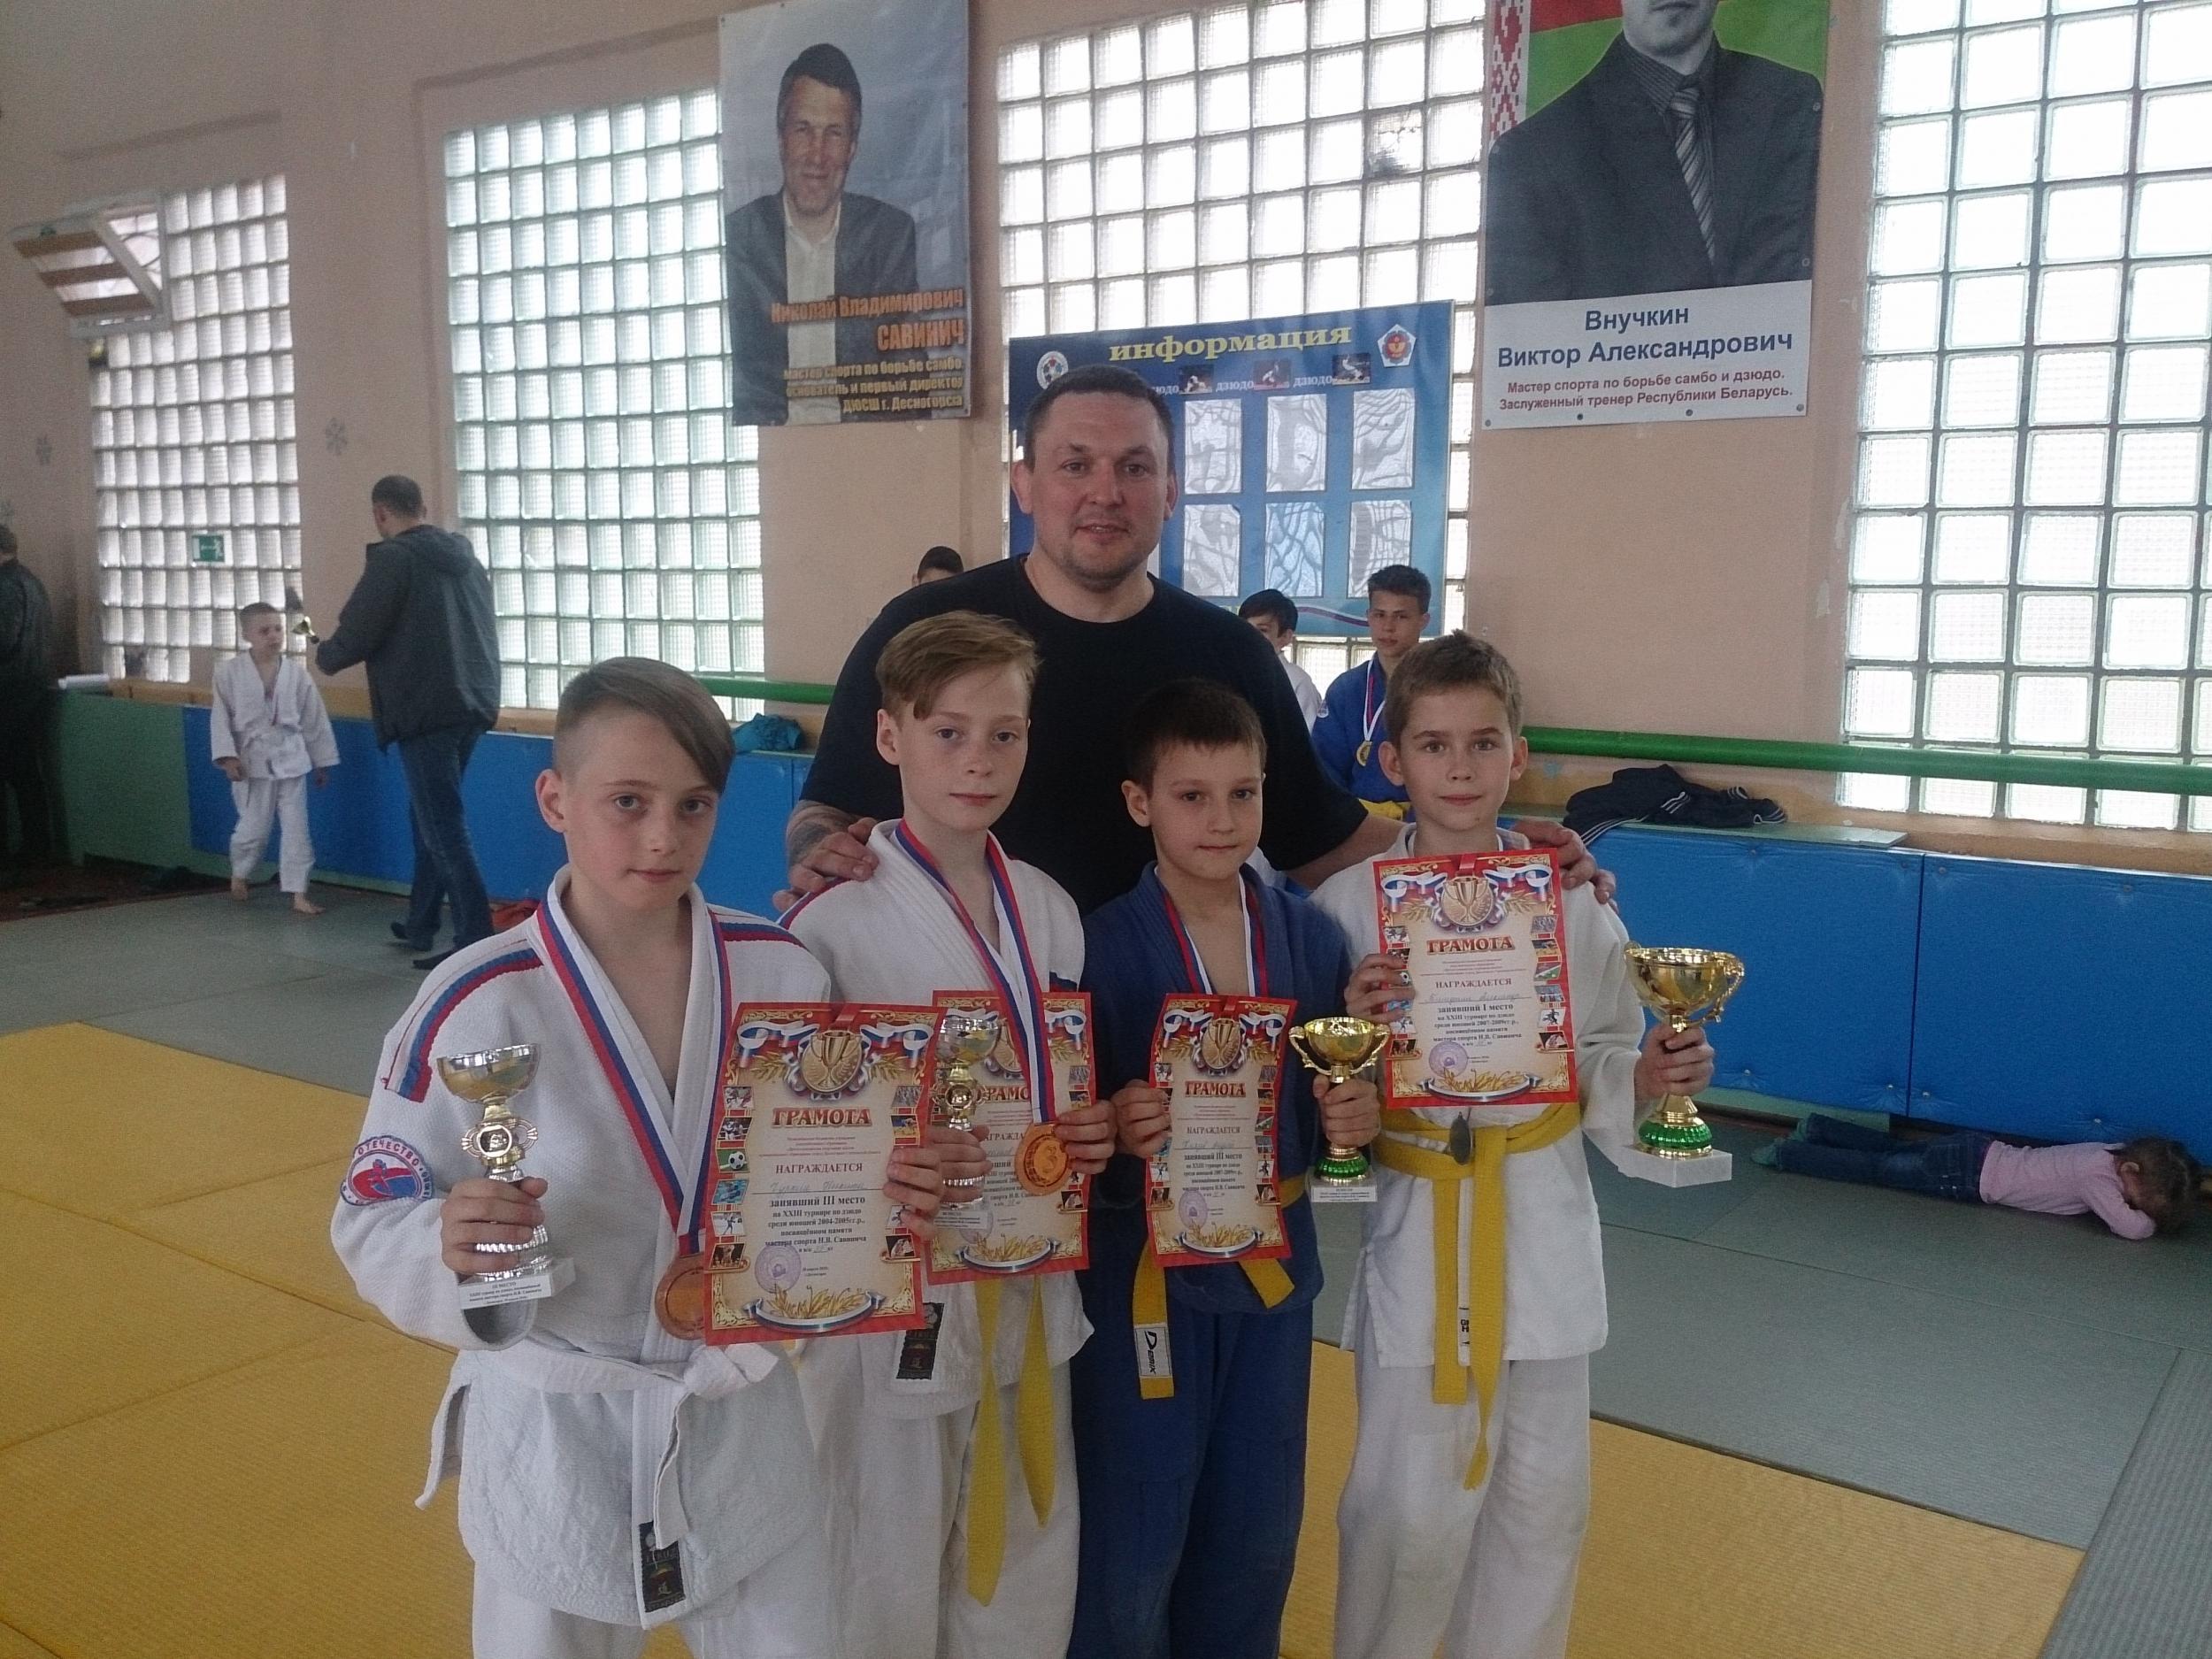 sport_zhukovskiy_otechestvo_orbita_sekcii_sportivnye_1_1.jpg